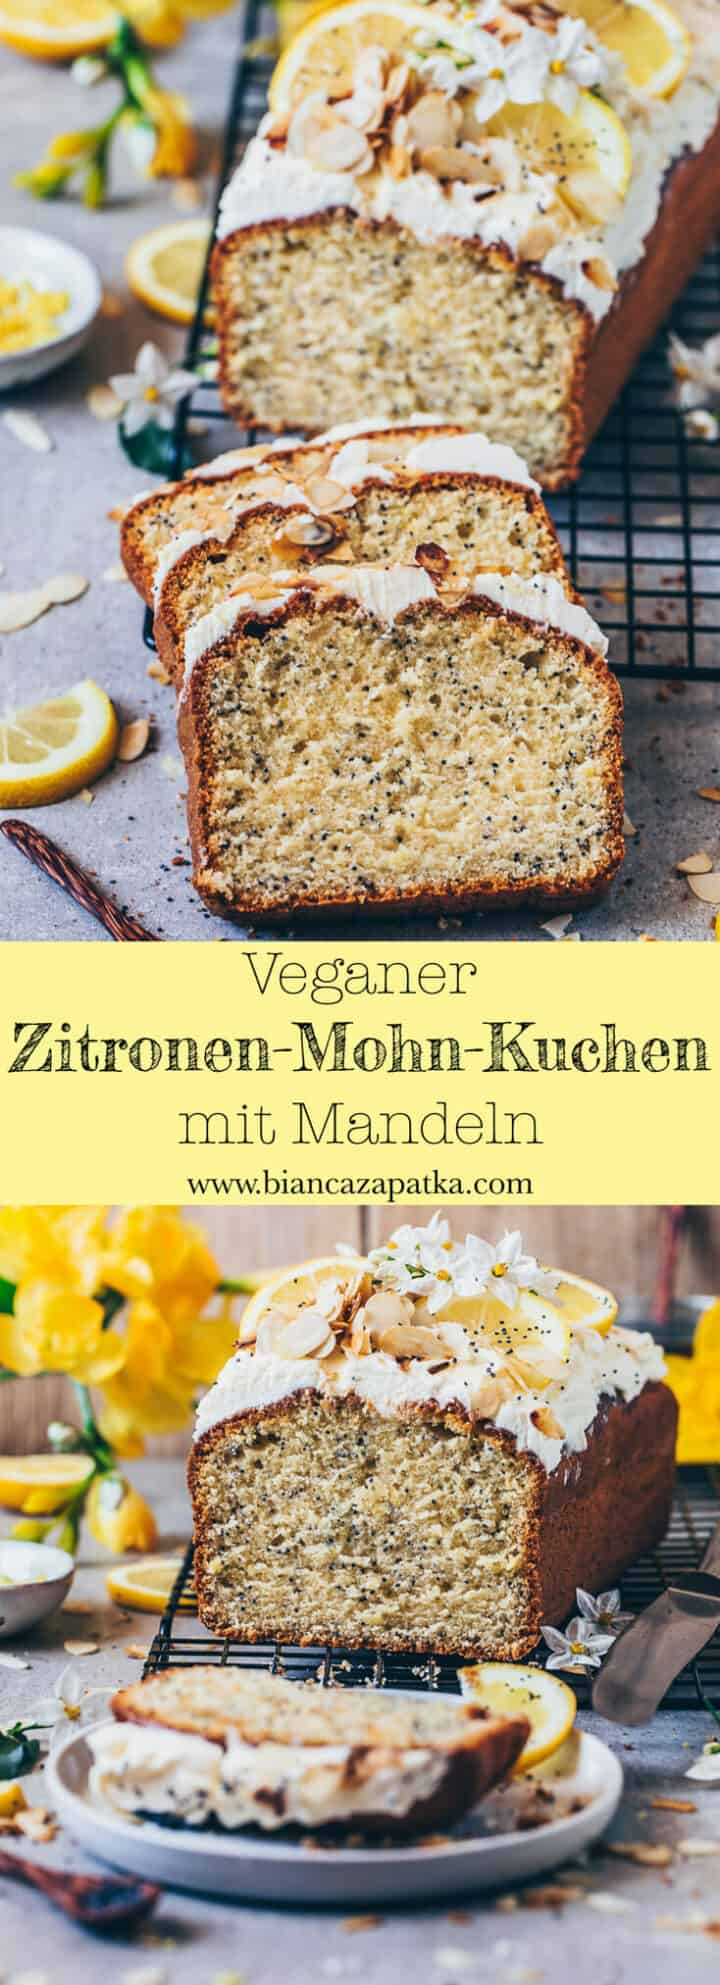 Veganer Zitronen-Mohn-Kuchen mit Frischkäse-Frosting und Mandeln. Der Kuchen ist weich, saftig, lecker mit Zitronengeschmack. Das Kuchen-Rezept ist einfach und gelingt glutenfrei.